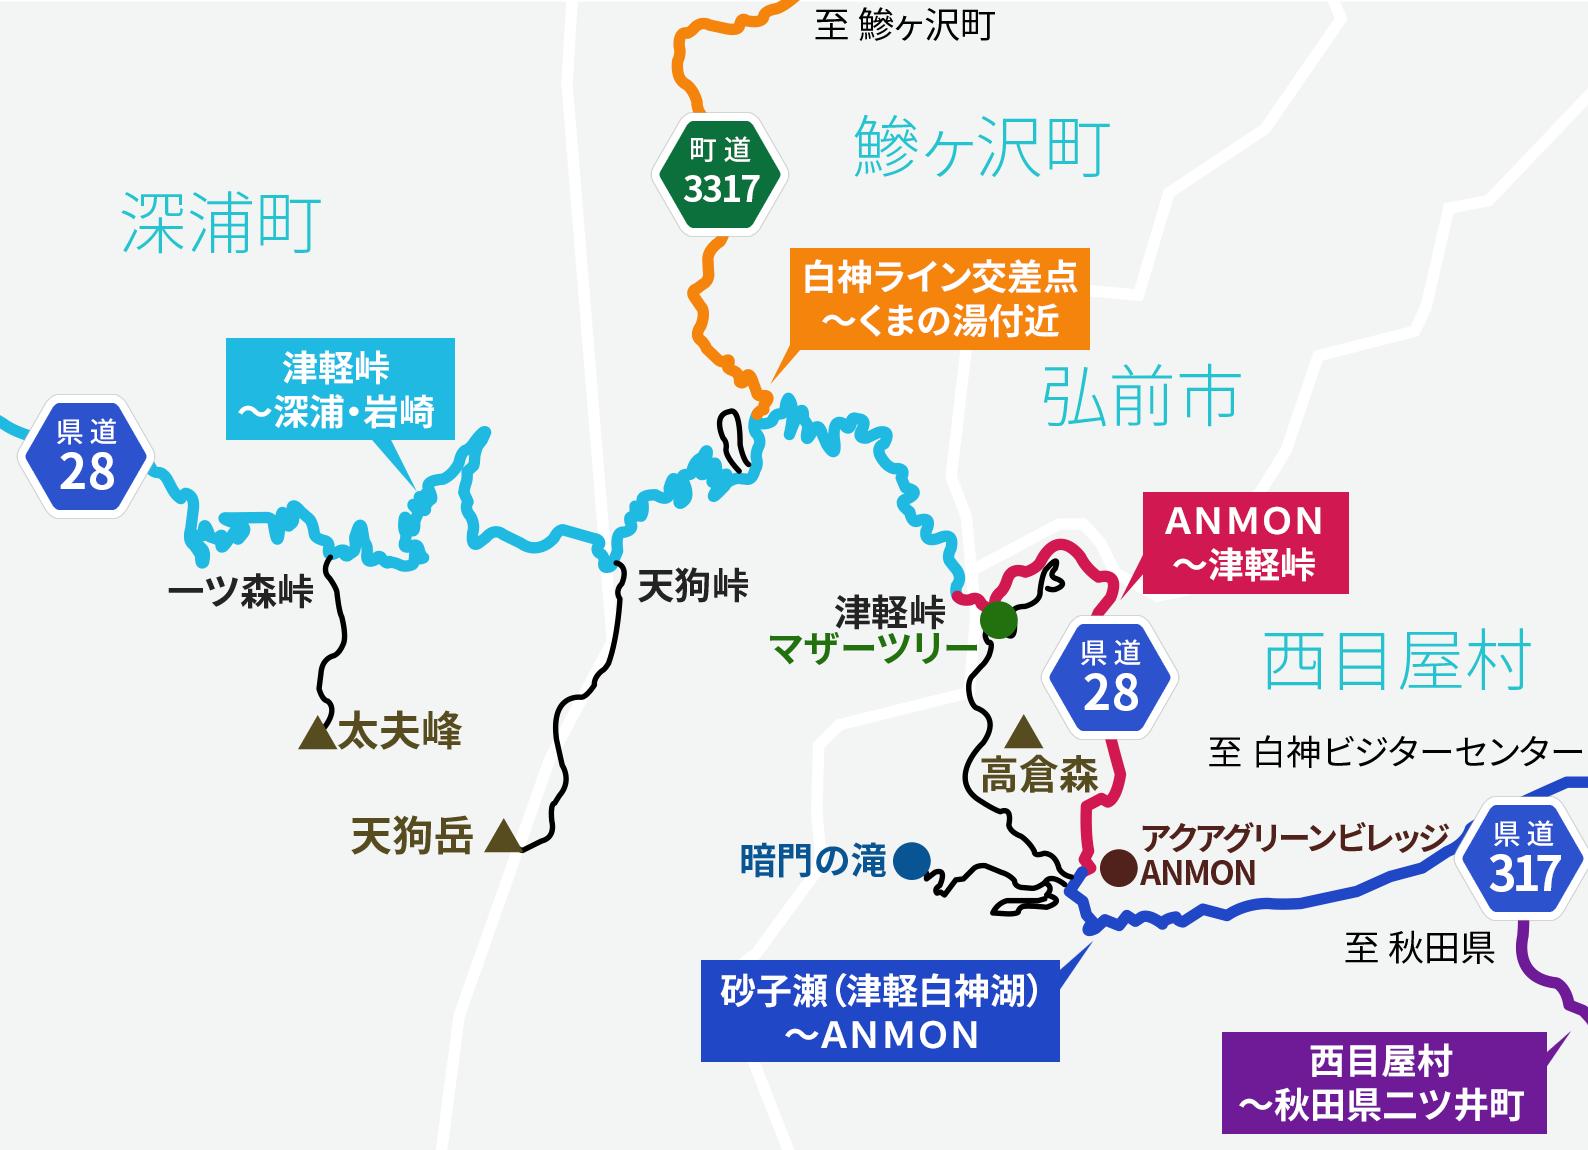 道路開通状況地図